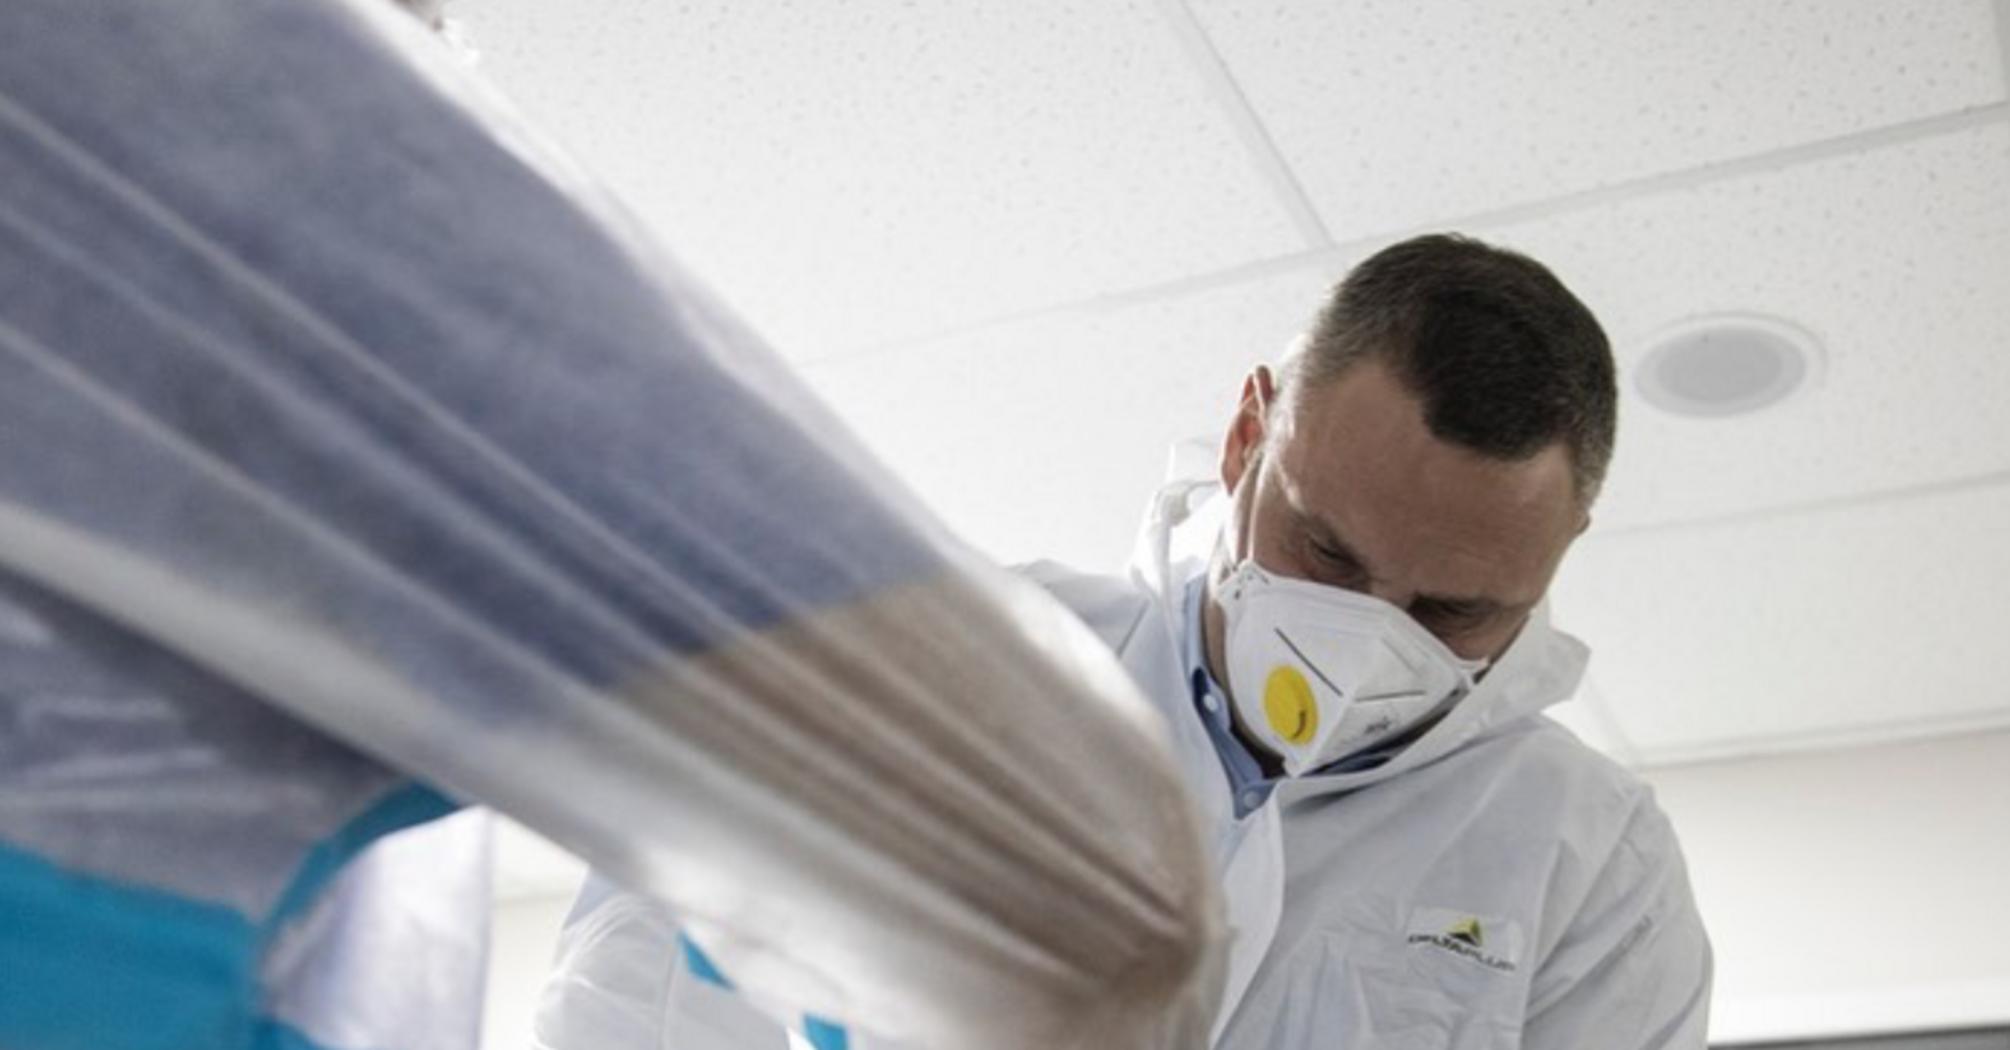 Кличко выздоровел от коронавируса и рассказал о ситуации в Киеве